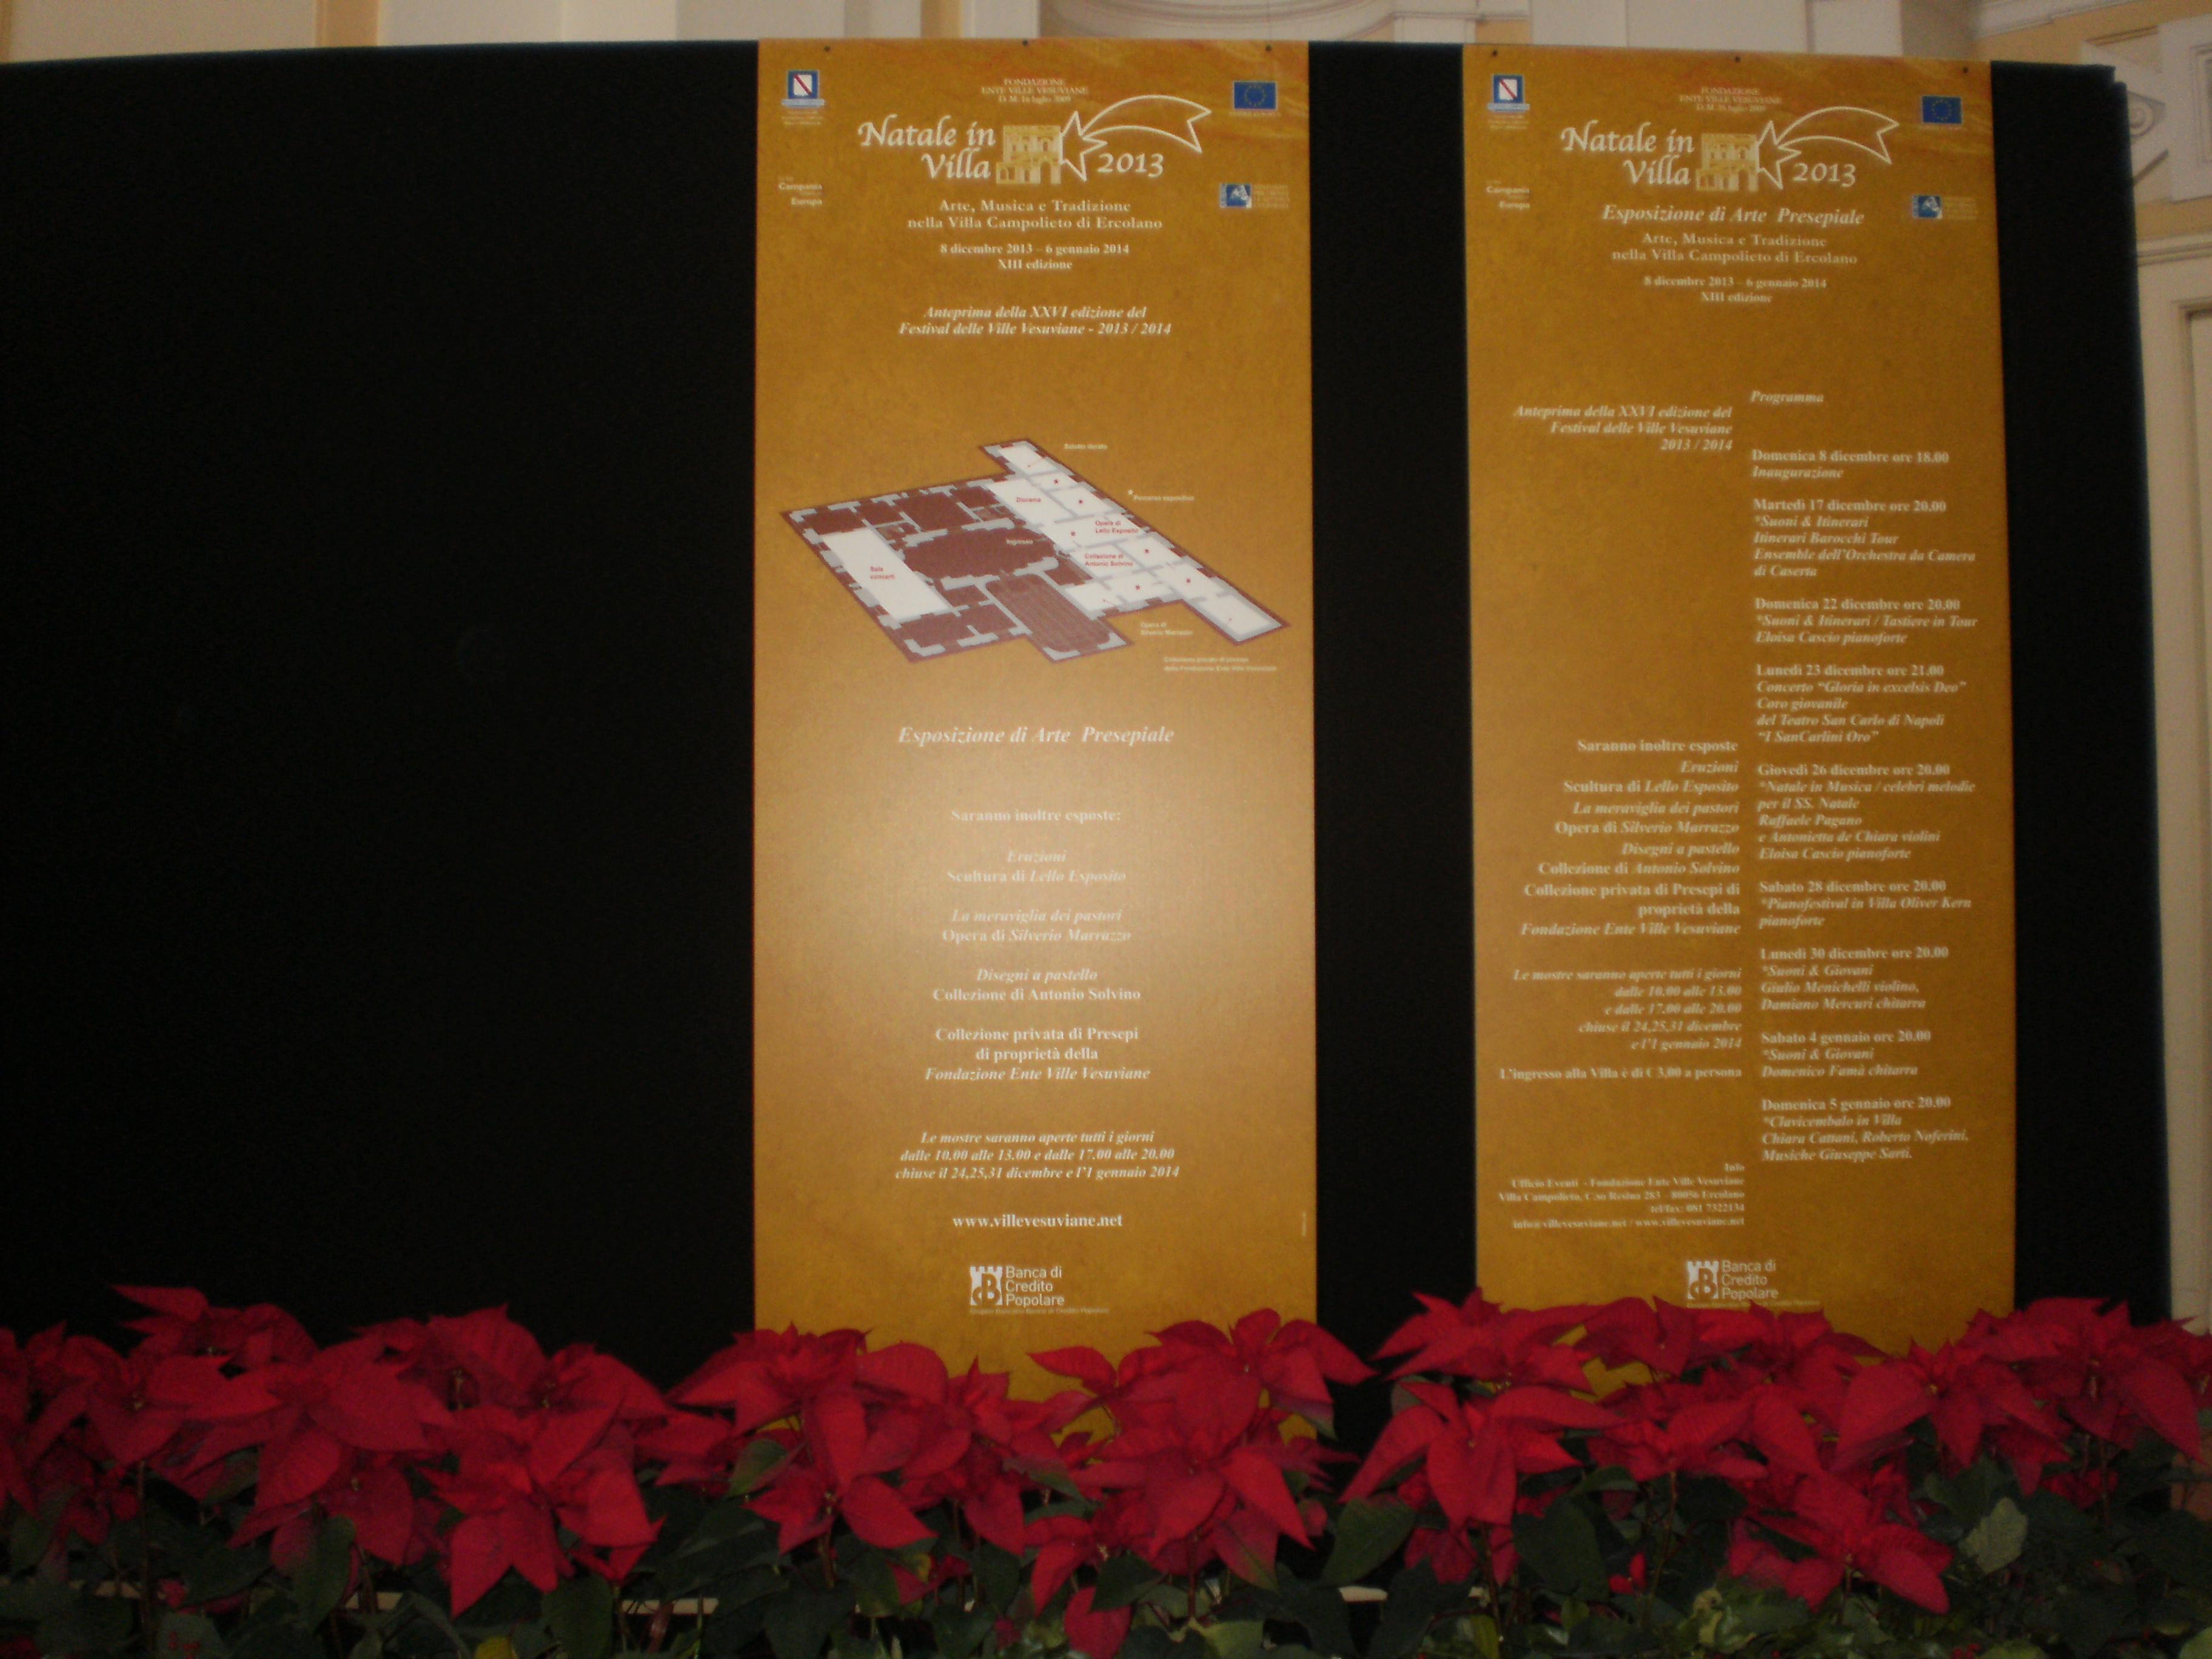 Natale in villa Campolieto